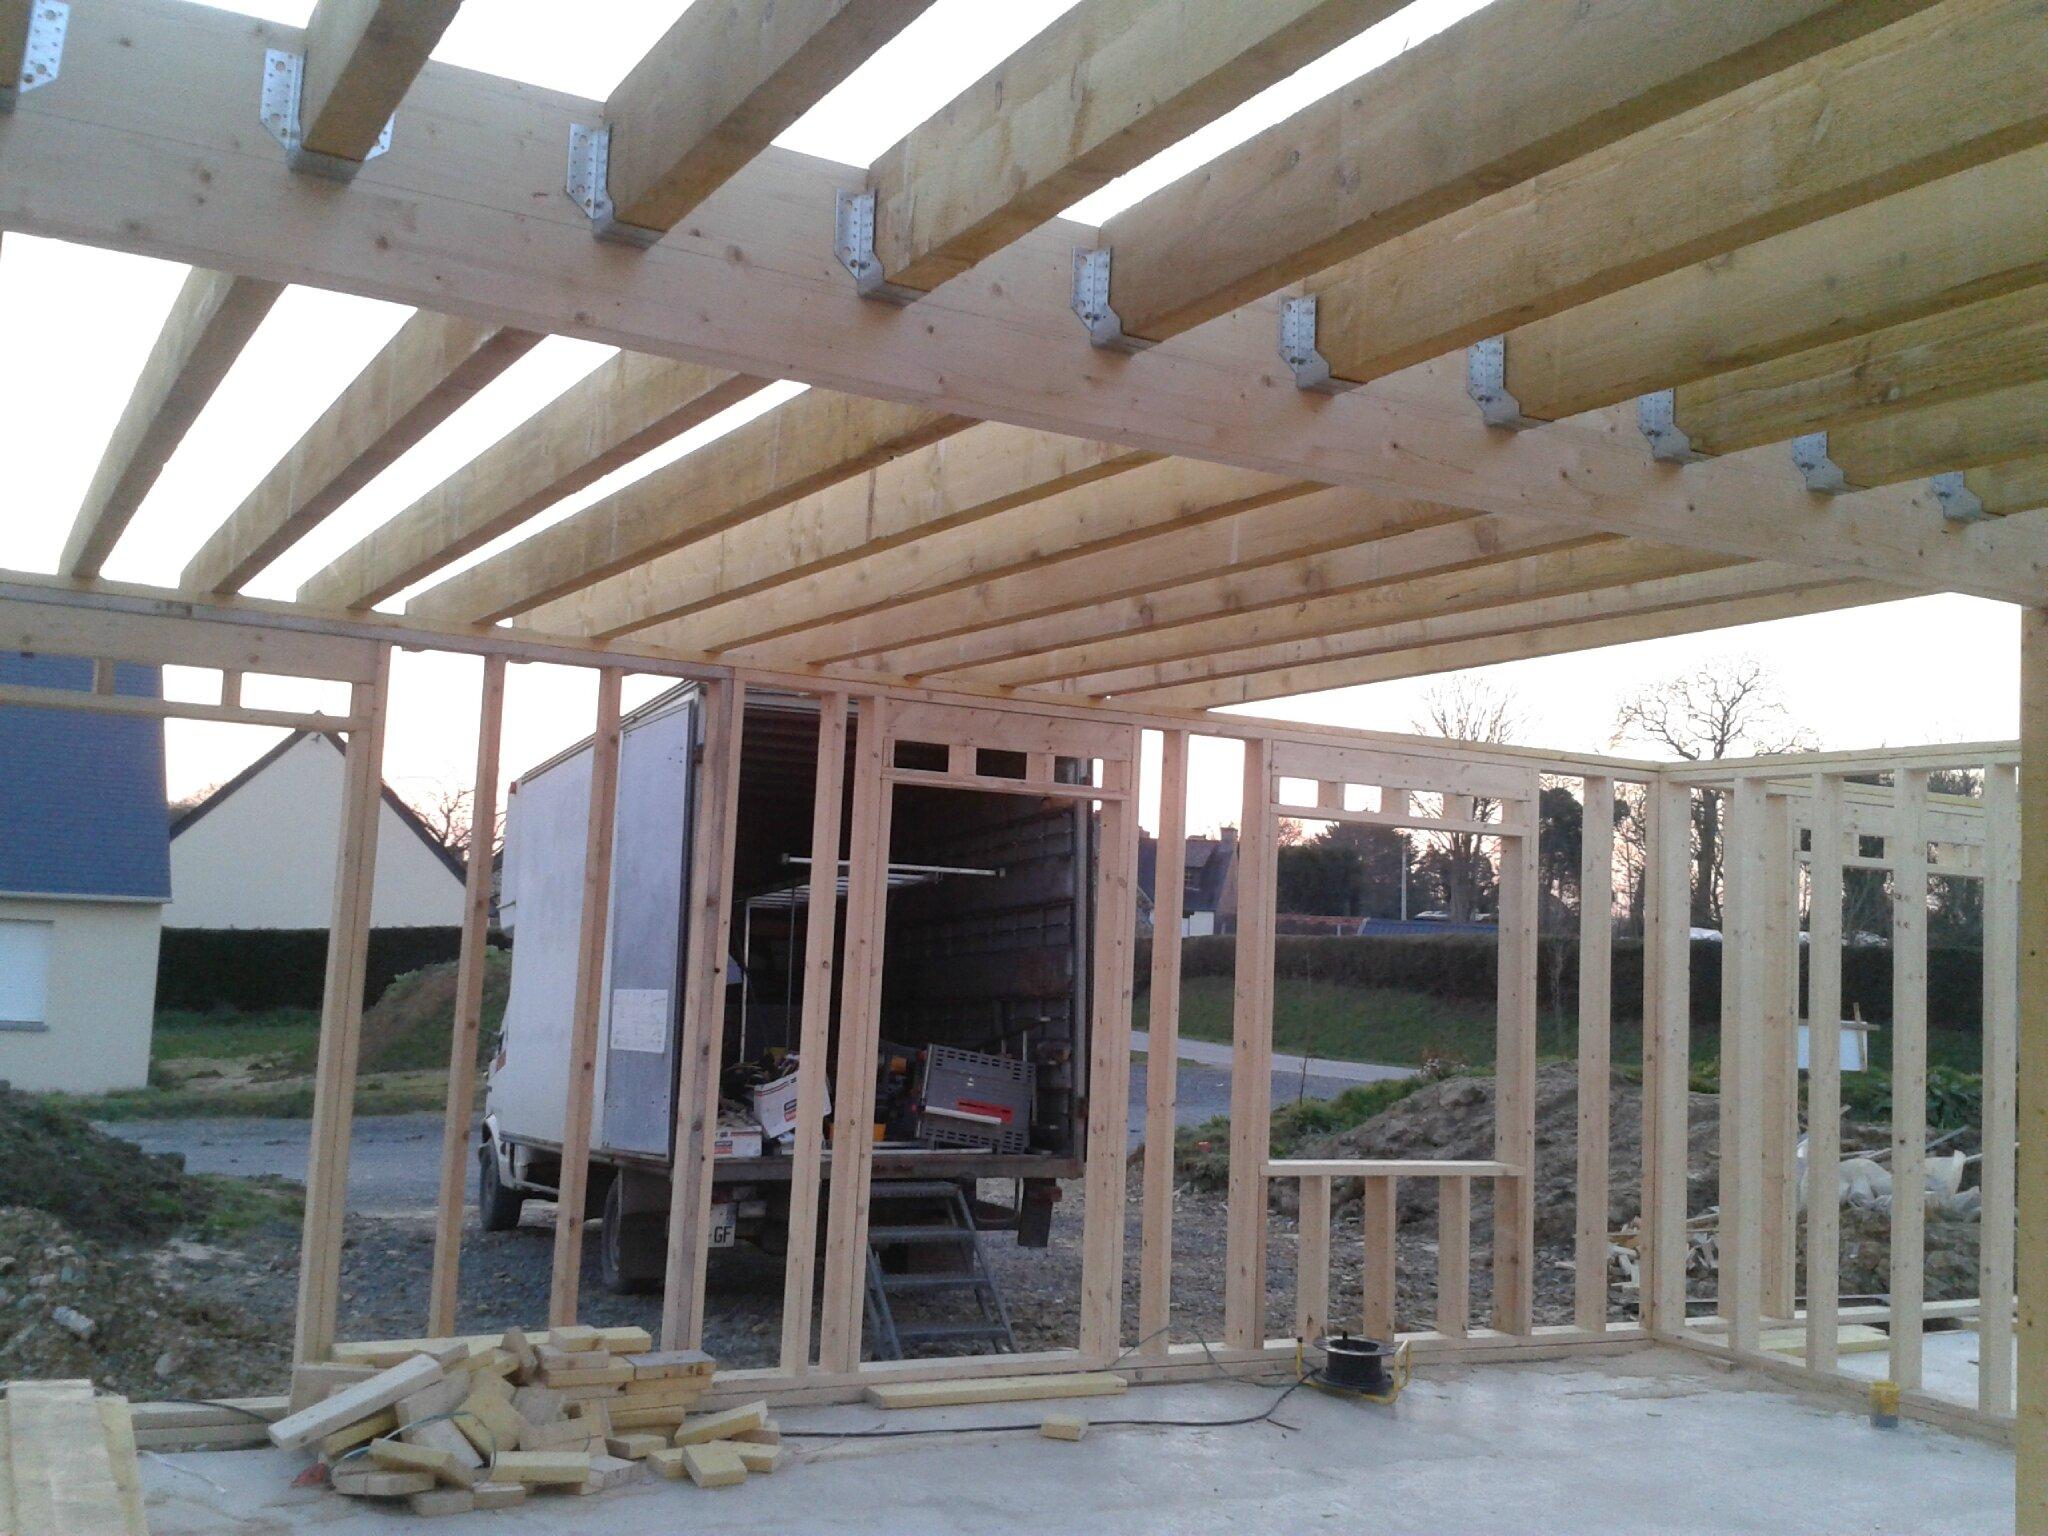 Empoutrellement jeudi 21 f vrier 2013 autoconstruction for Autoconstruction maison ossature bois